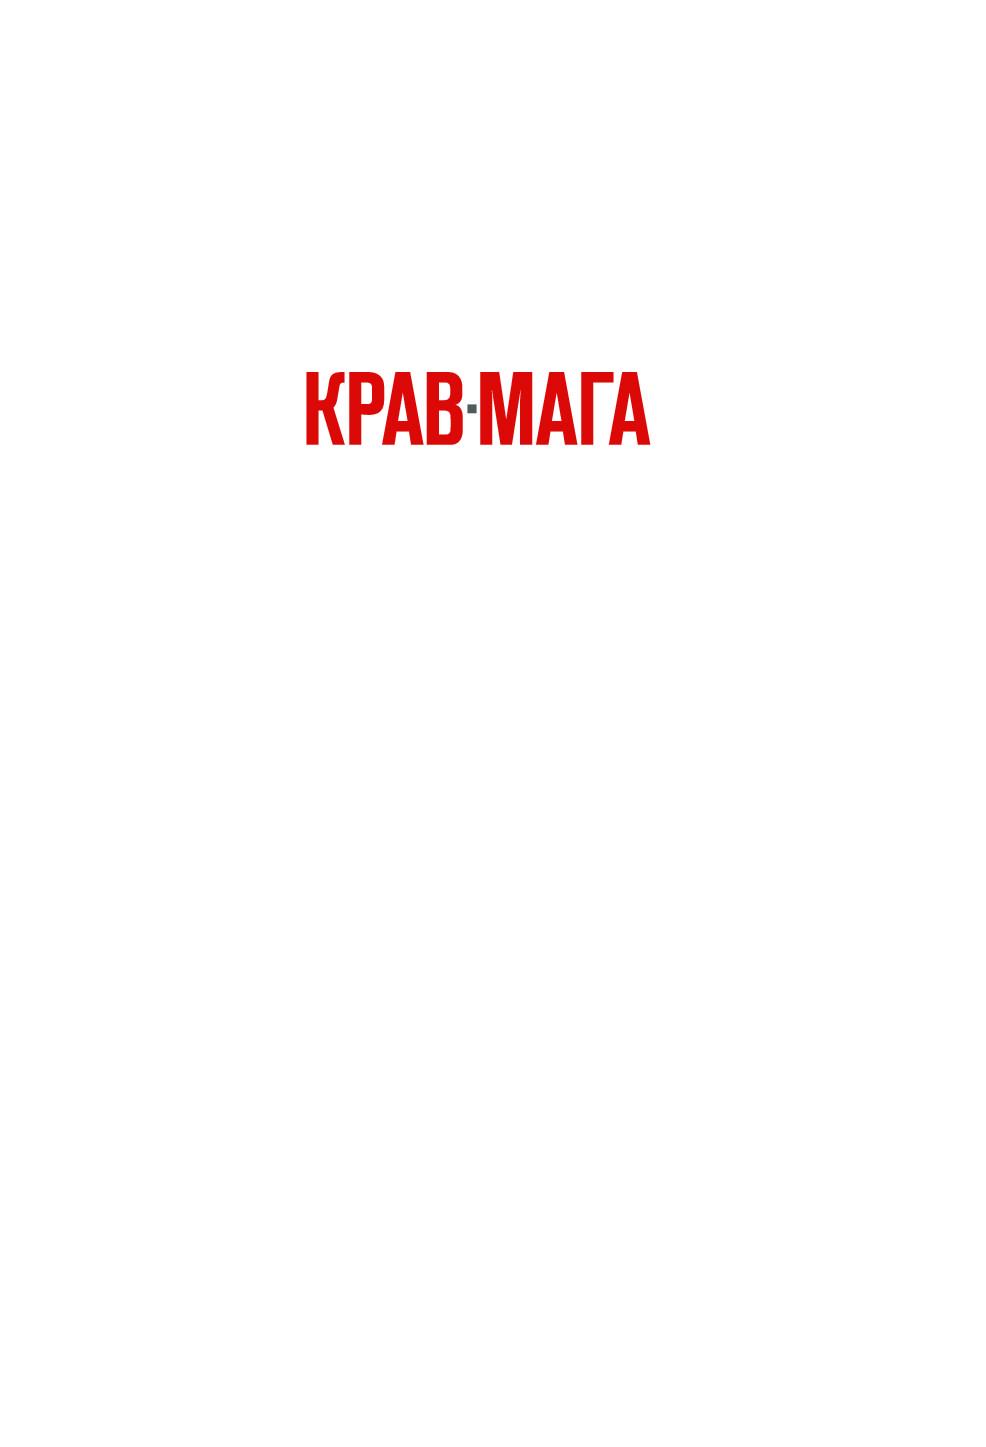 КРАВ-МАГА КНИГА СКАЧАТЬ БЕСПЛАТНО